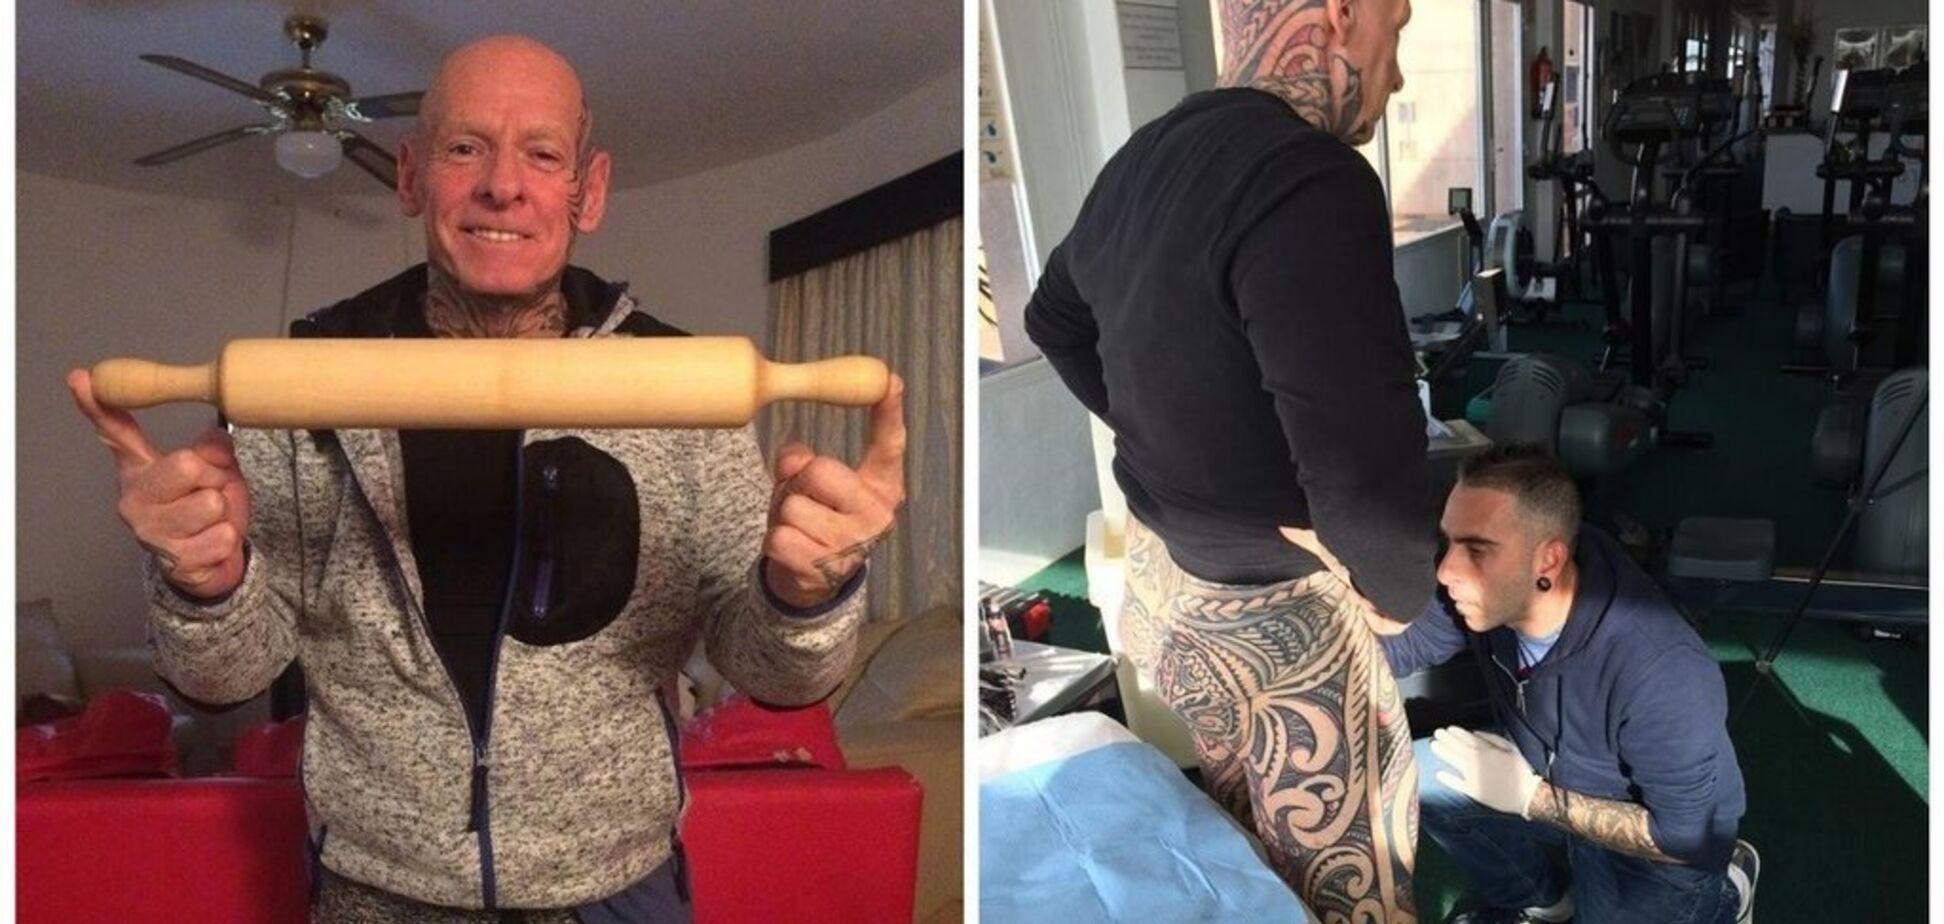 Бодибилдер намотал пенис на скалку, чтобы сделать тату — видео 18+